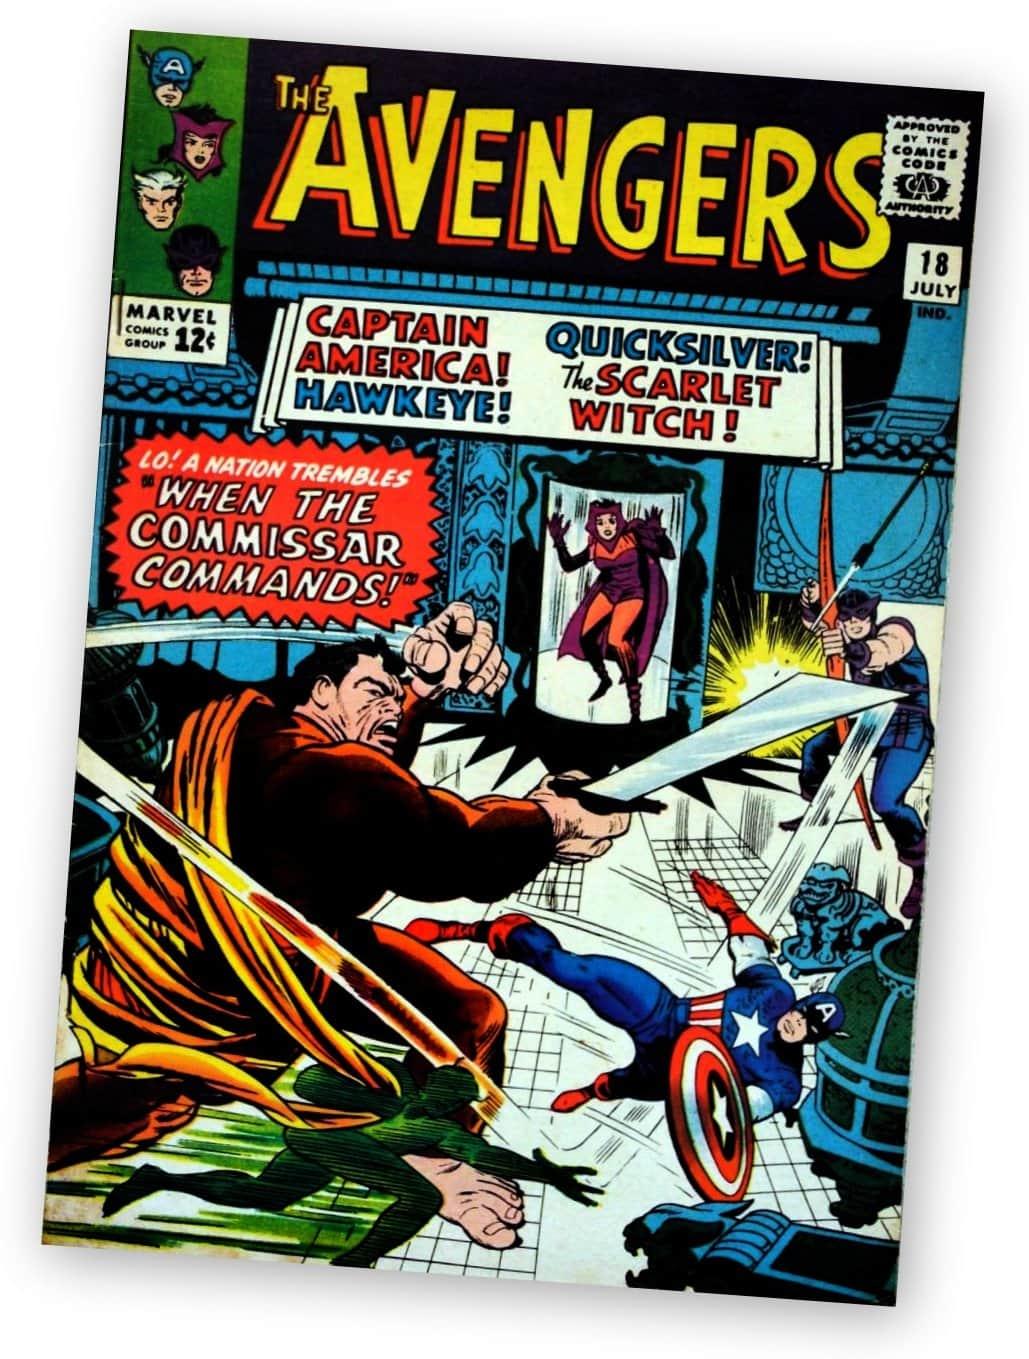 Avengers 18 - Marvel Comics - 1965